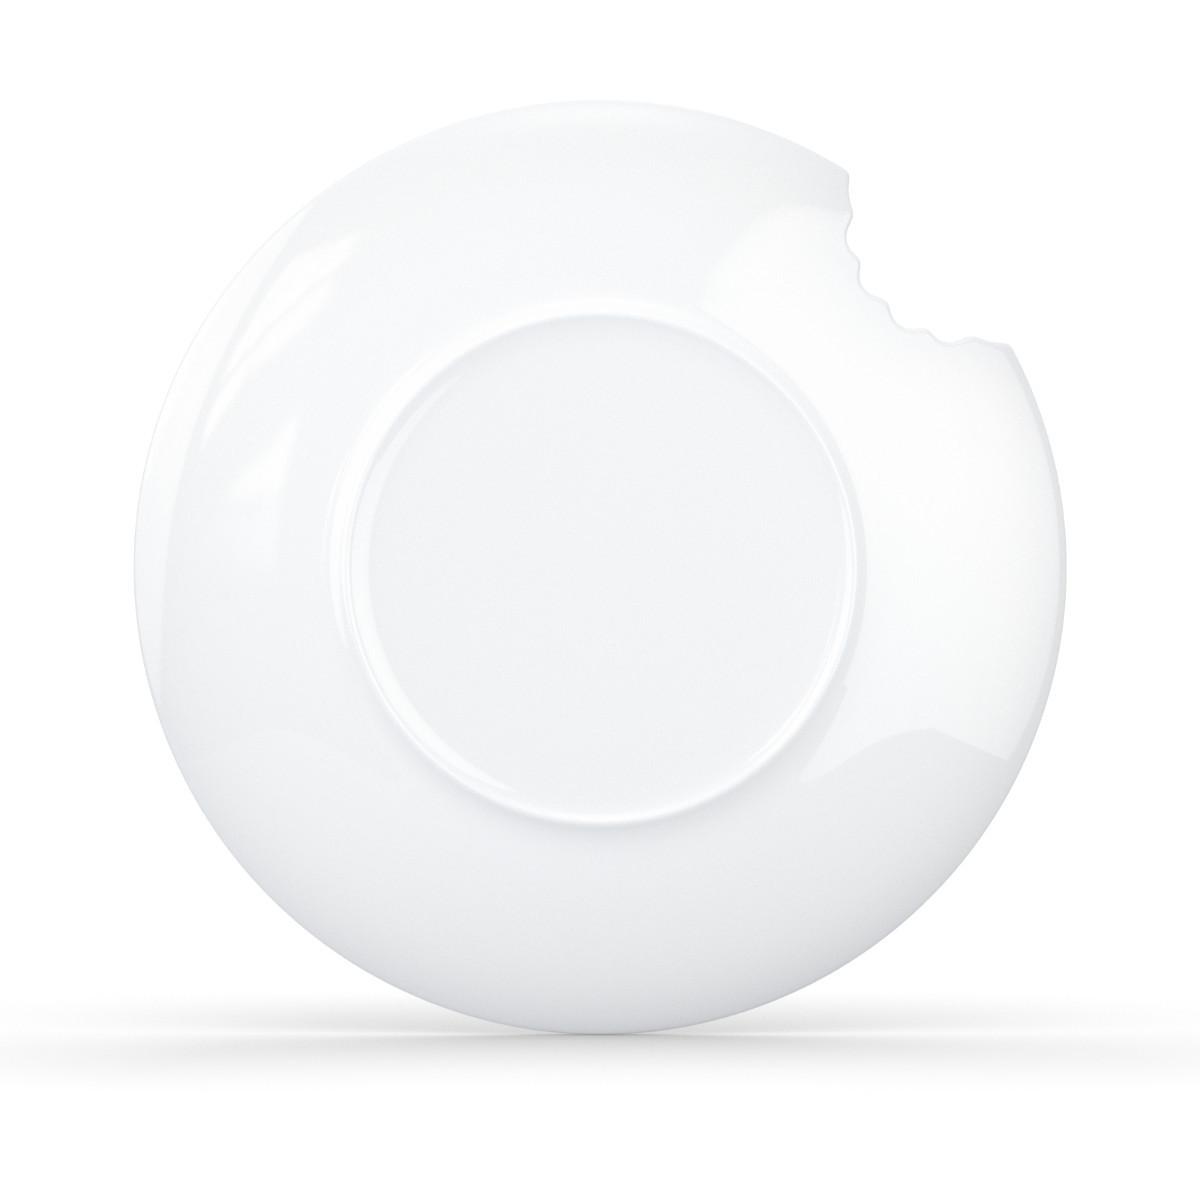 Zum Anbeißen: Teller mit Biss (2er-Set) - groß